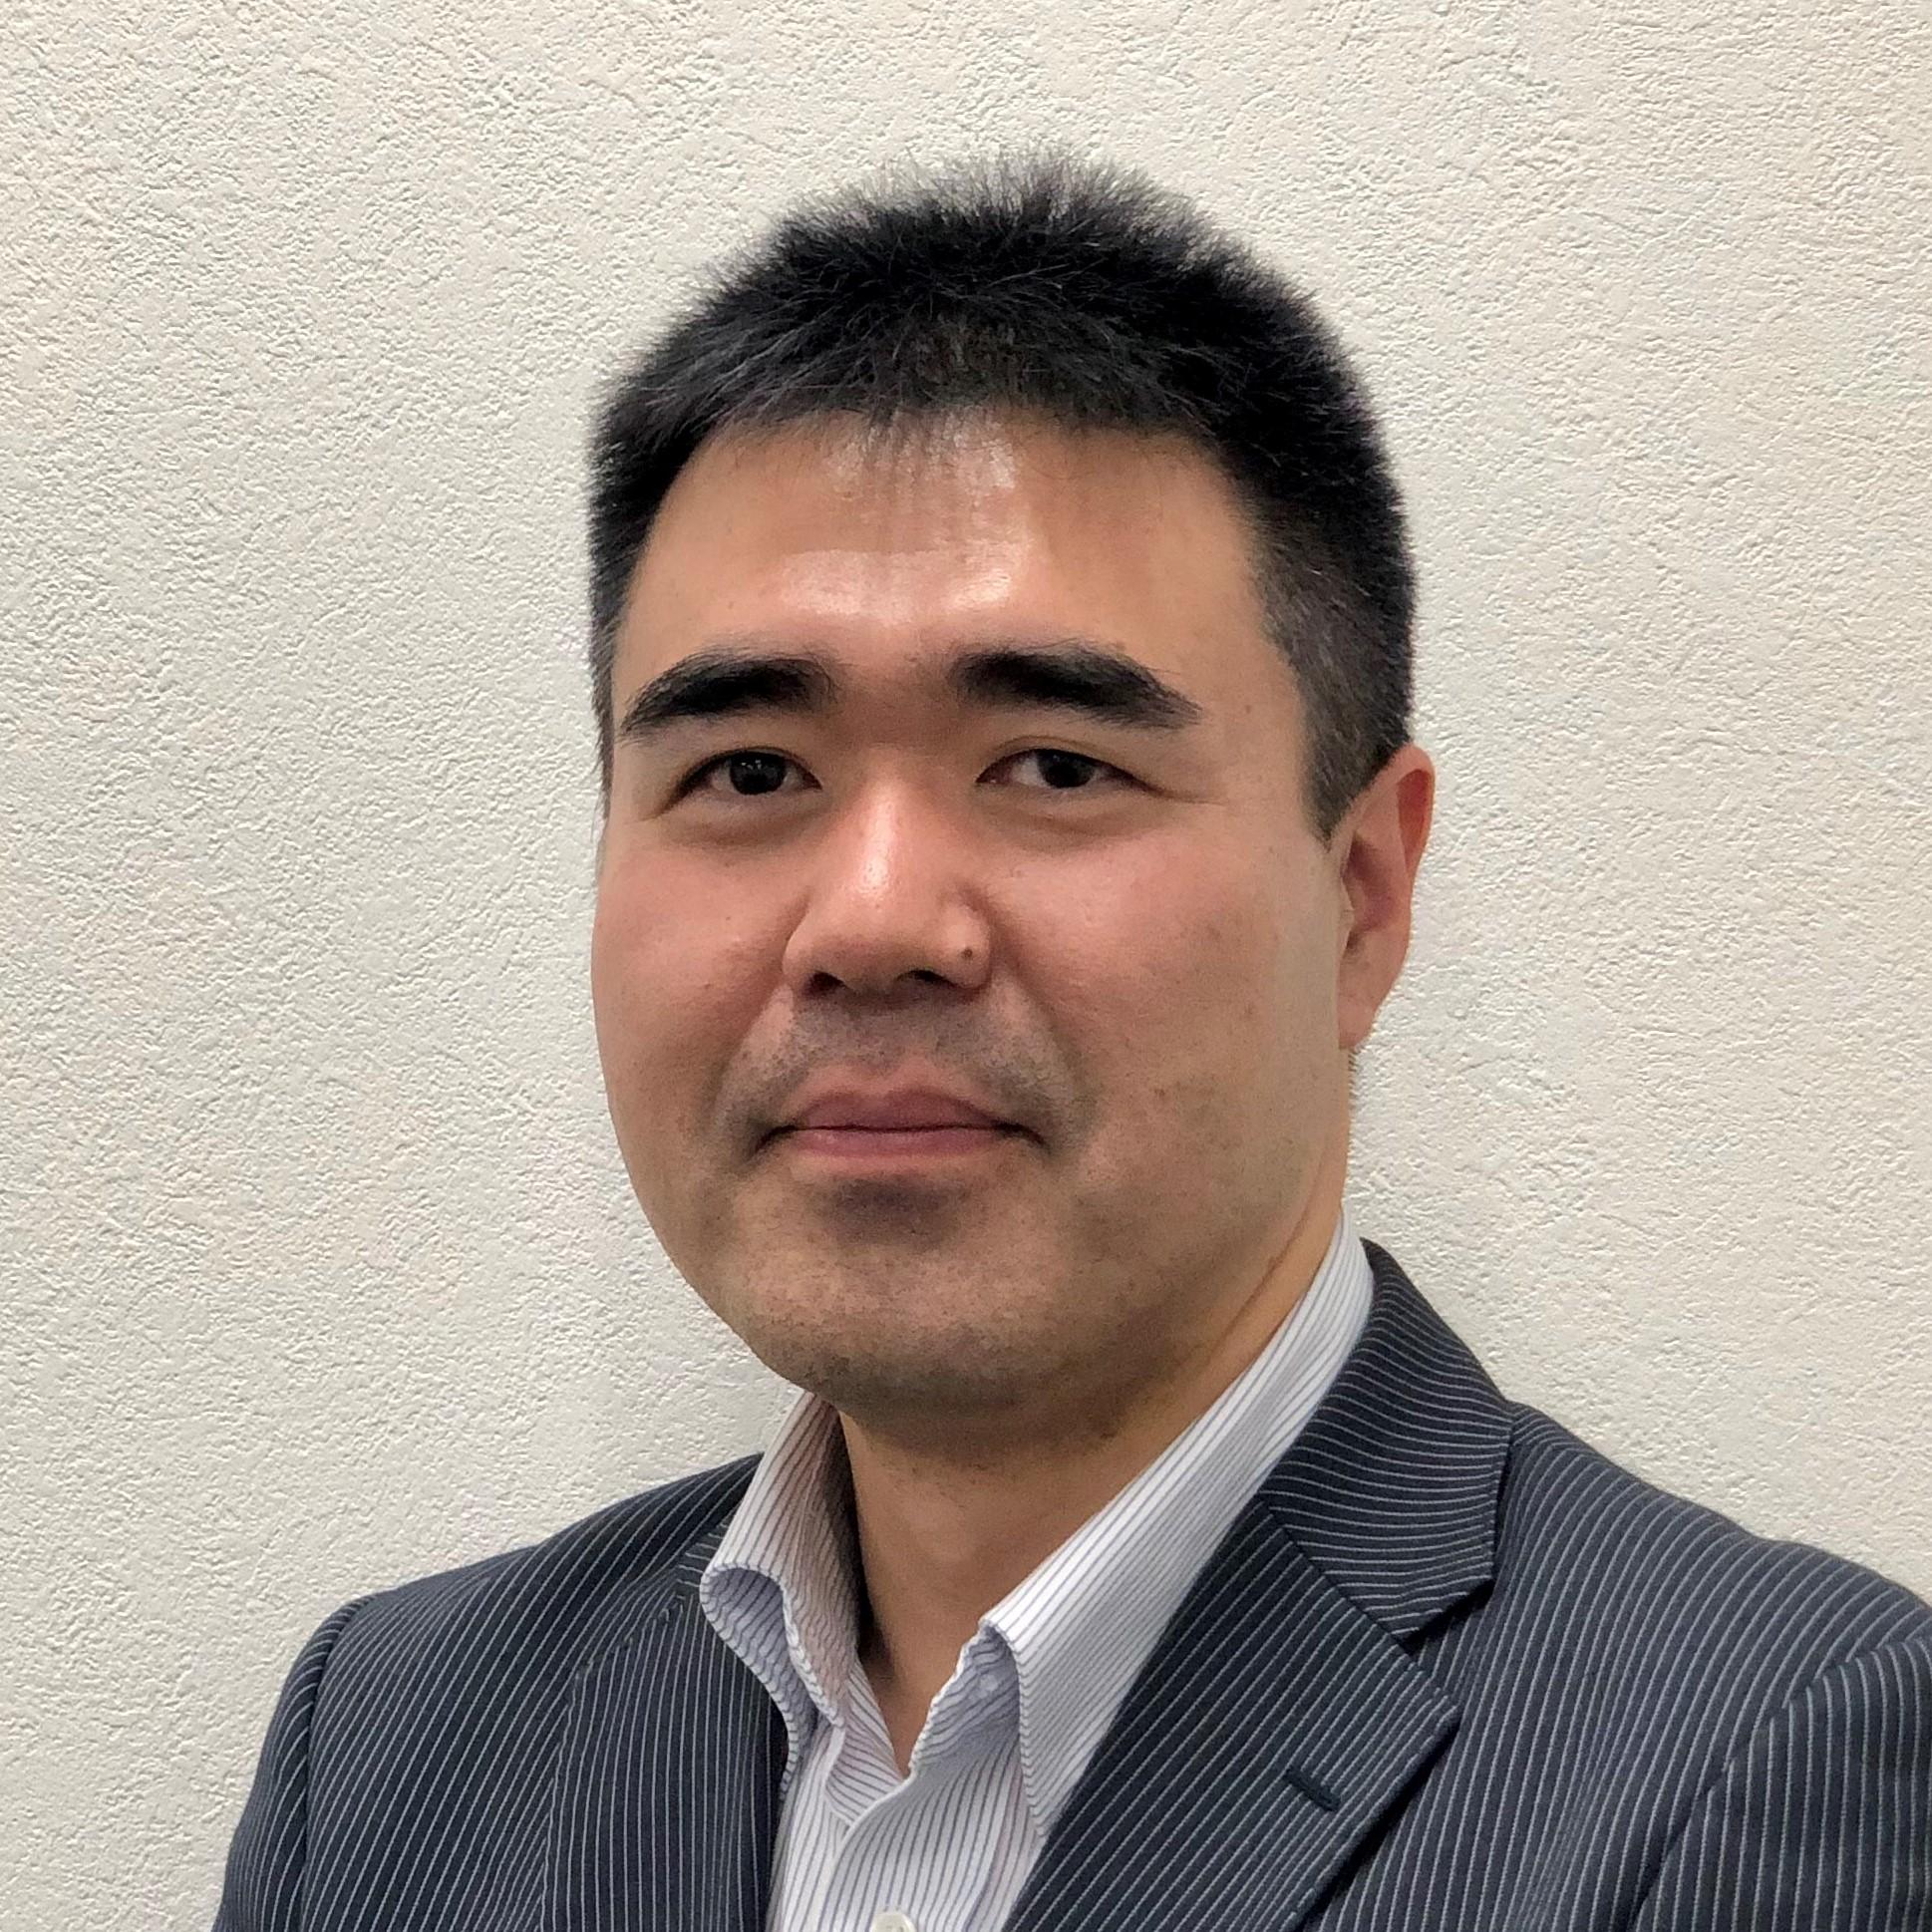 Shin Tanaka